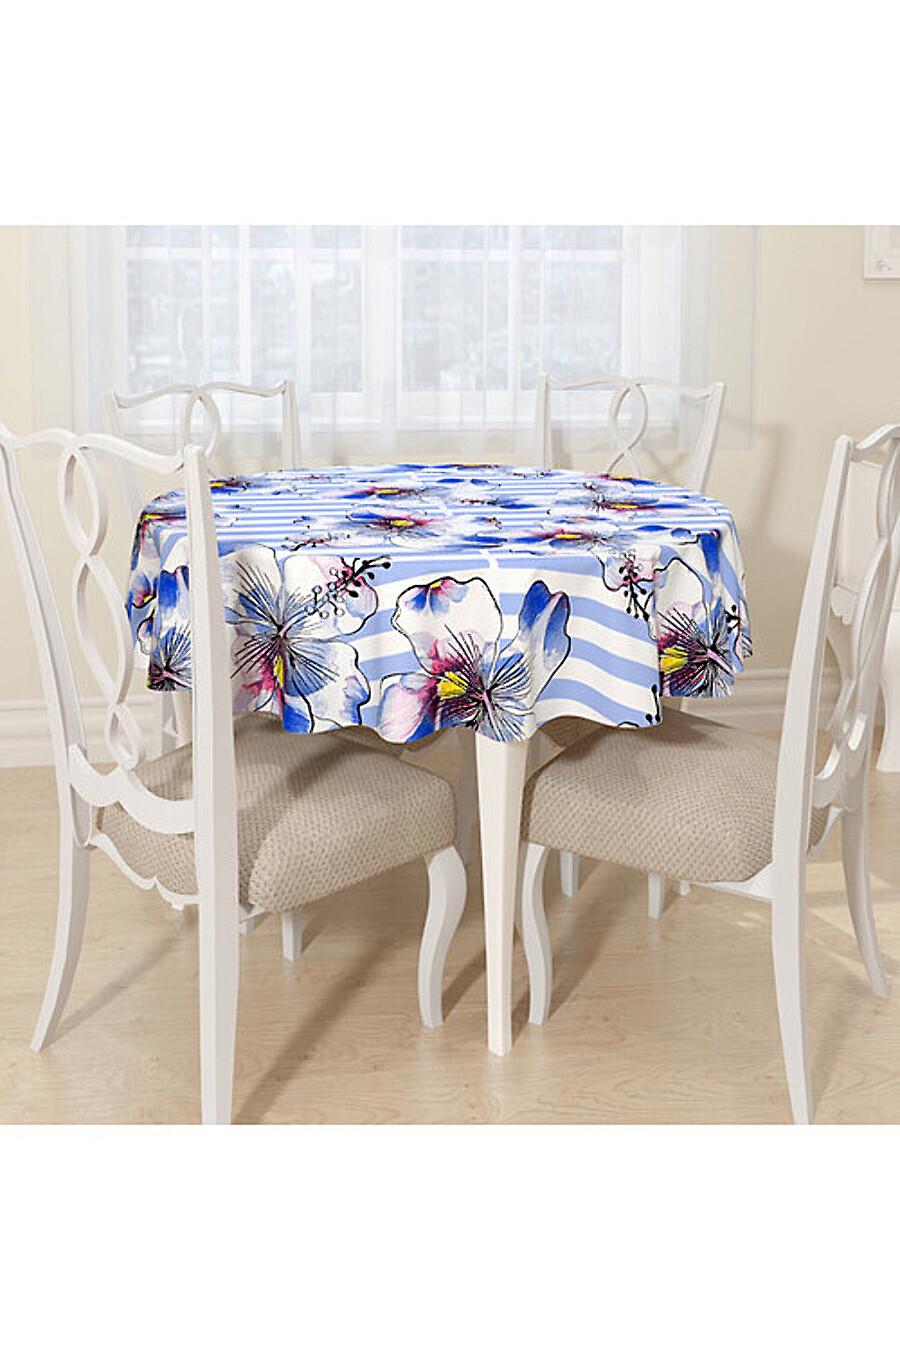 Скатерть для дома ART HOME TEXTILE 180174 купить оптом от производителя. Совместная покупка товаров для дома в OptMoyo